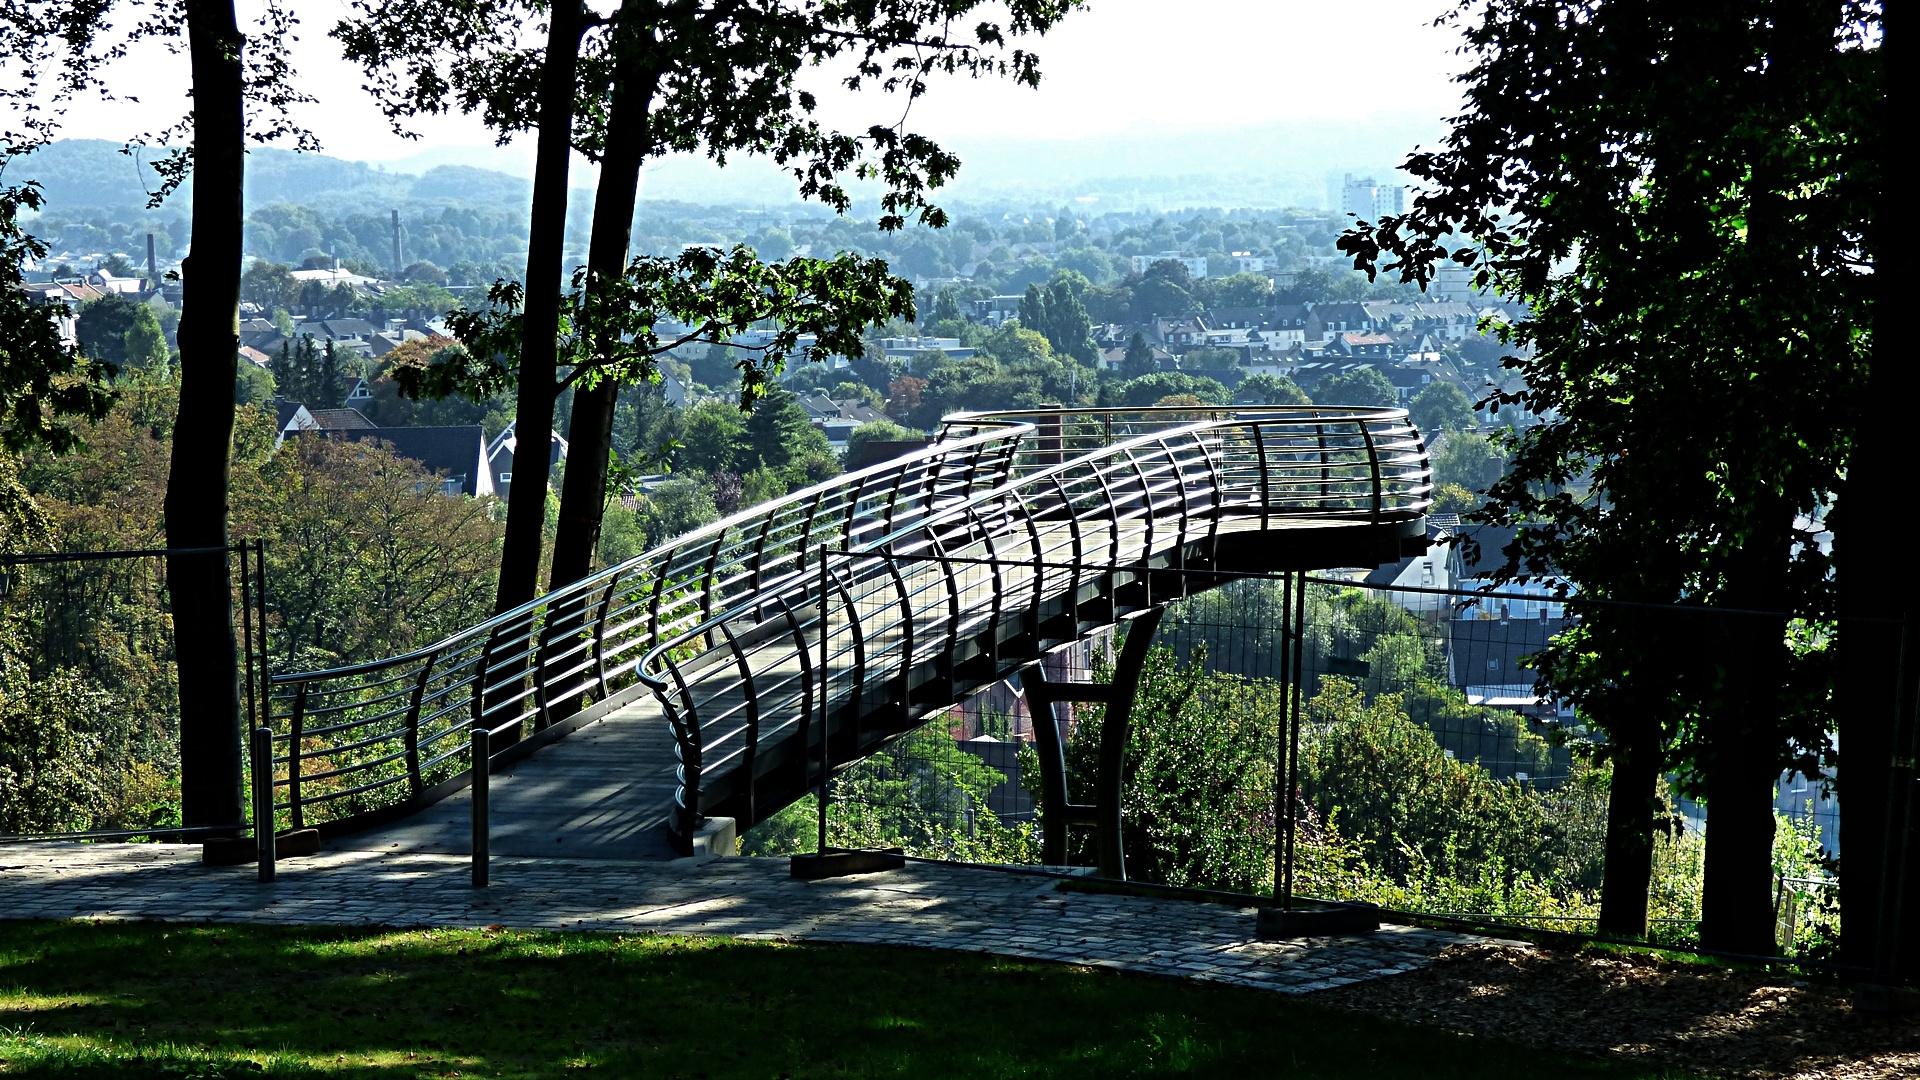 skywalk nordpark wuppertal foto bild world deutschland europe bilder auf fotocommunity. Black Bedroom Furniture Sets. Home Design Ideas